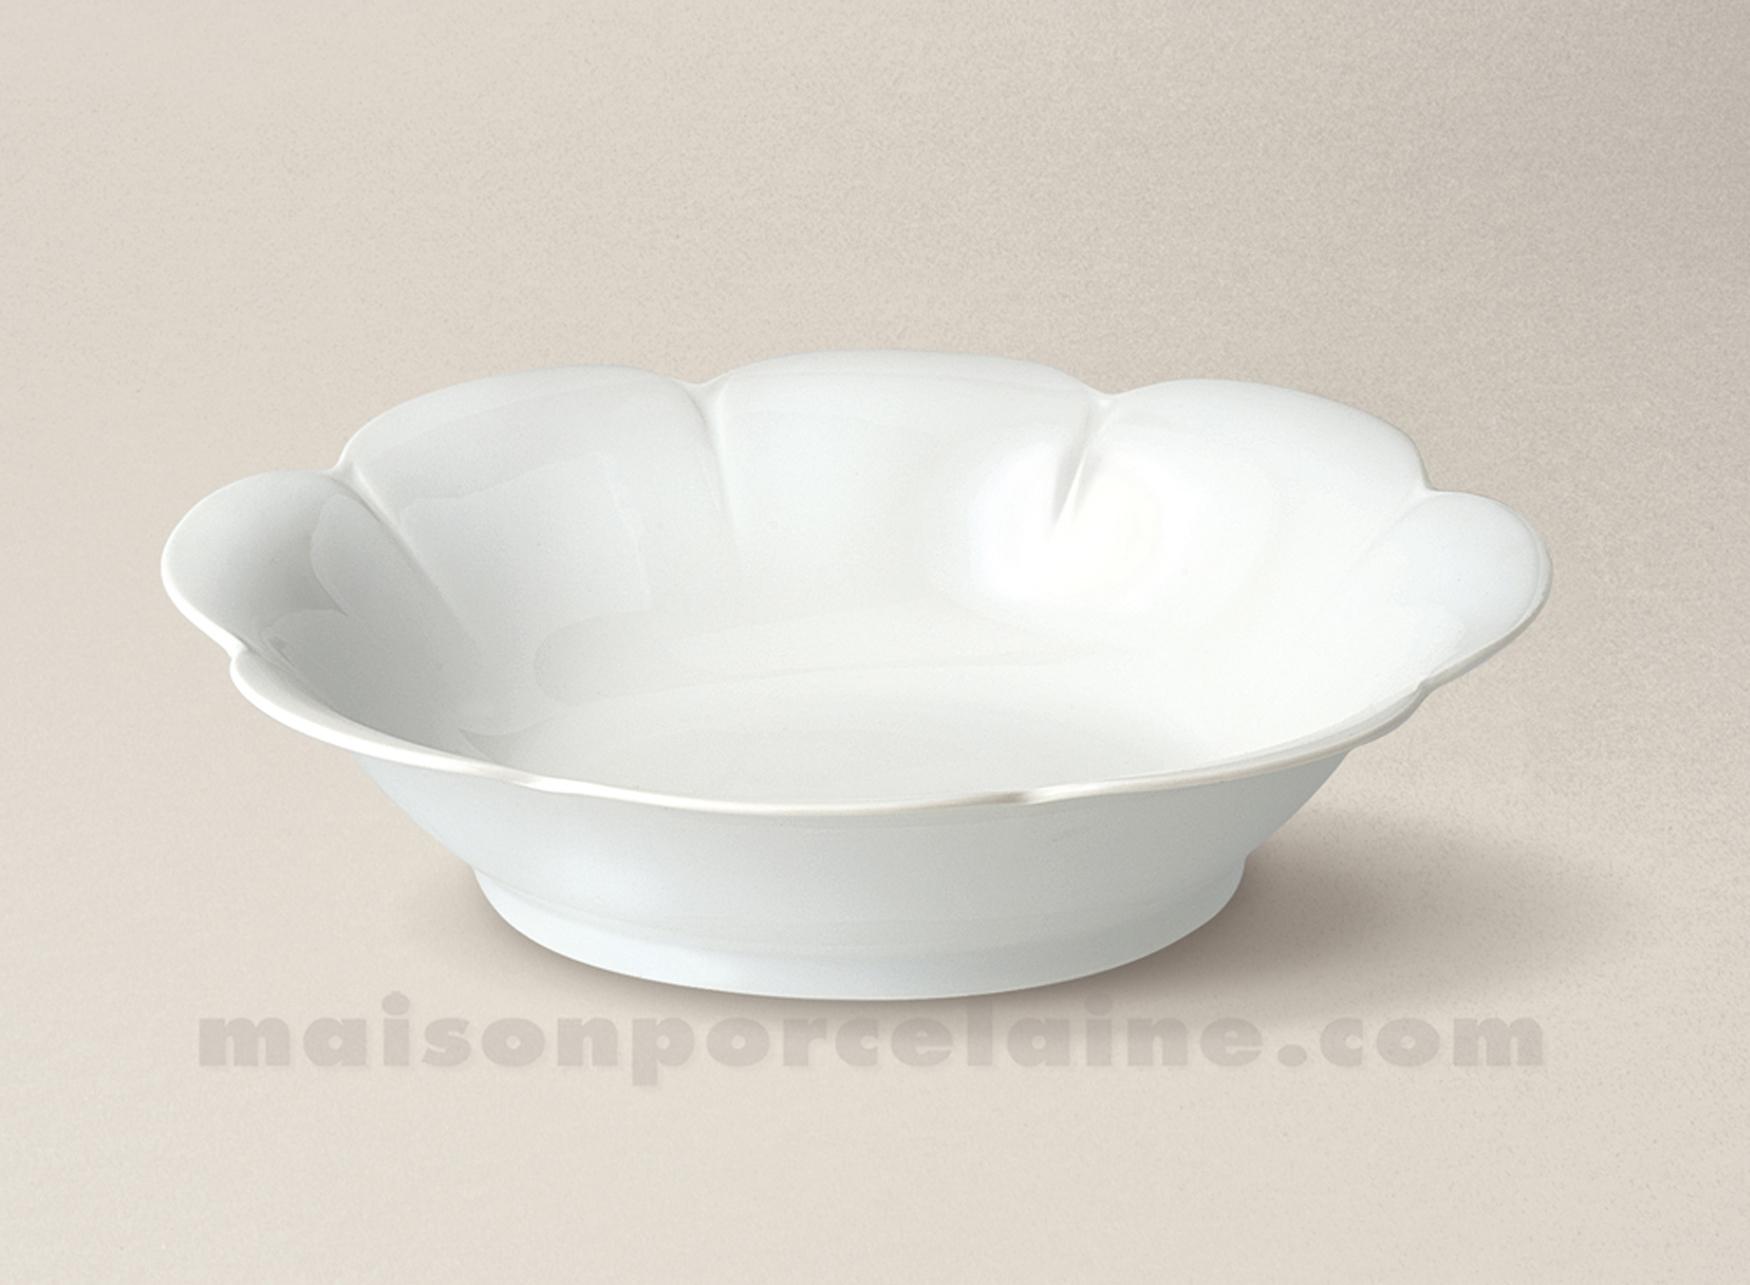 Baker legumier limoges porcelaine blanche nymphea 2424 5x19 5 maison de la - La porcelaine blanche ...